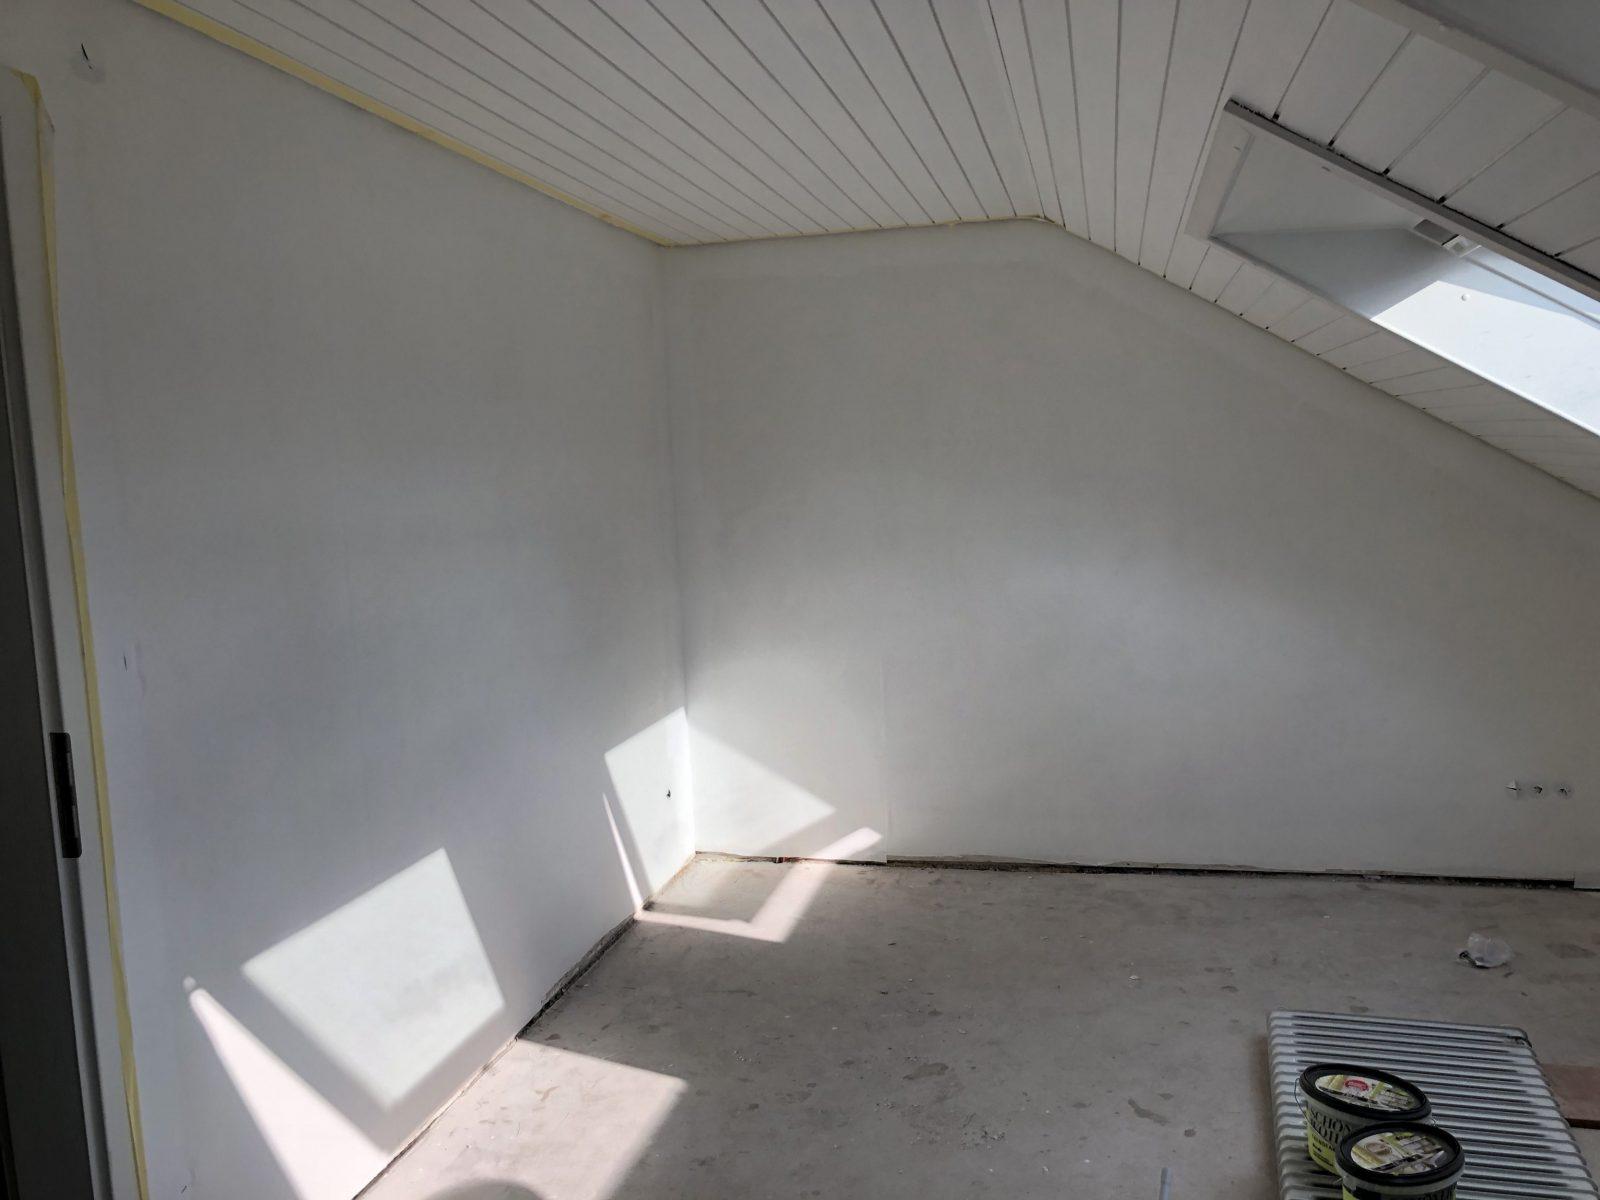 Malervlies Auf Q2 — Temobardz Home Blog von Kosten Tapezieren Pro Qm Photo